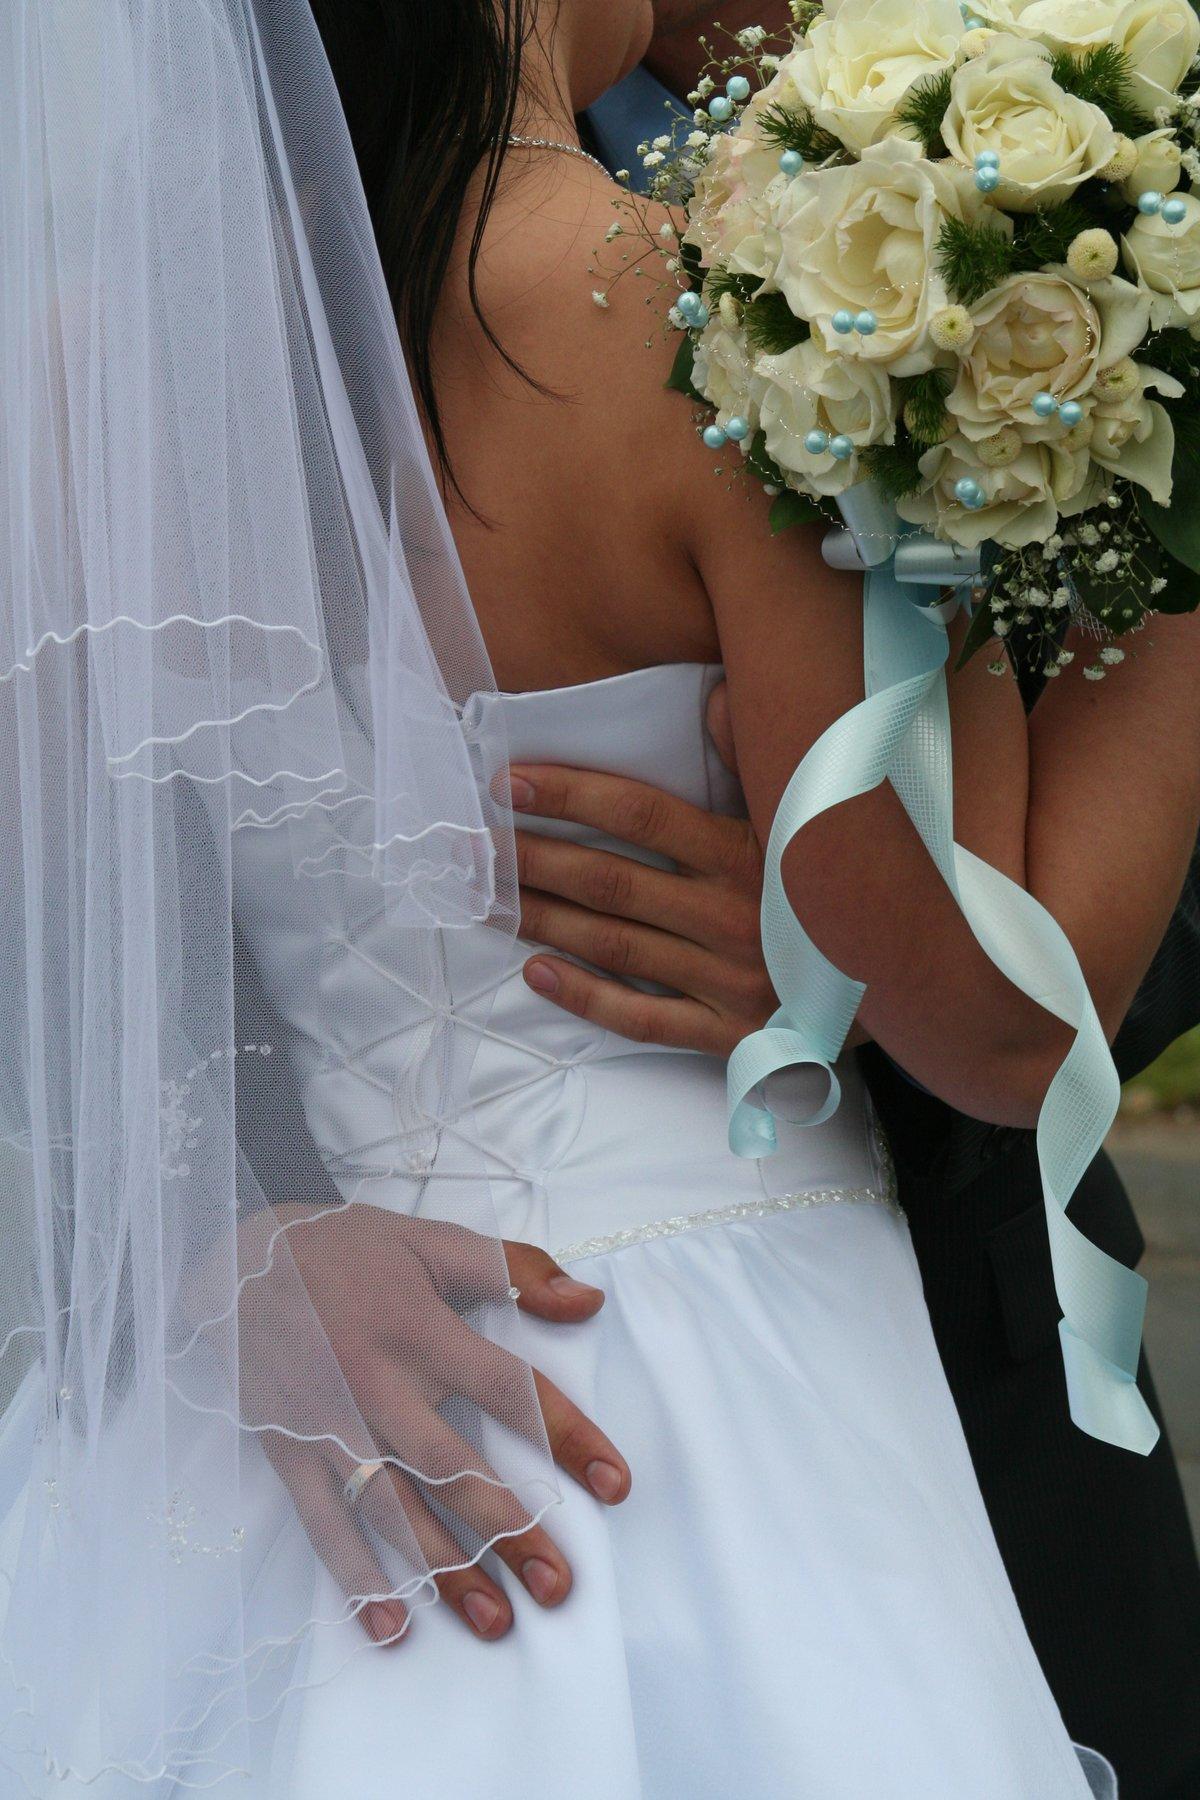 Свадебные картинки красивые жениха и невесты без лиц, открытки шесть